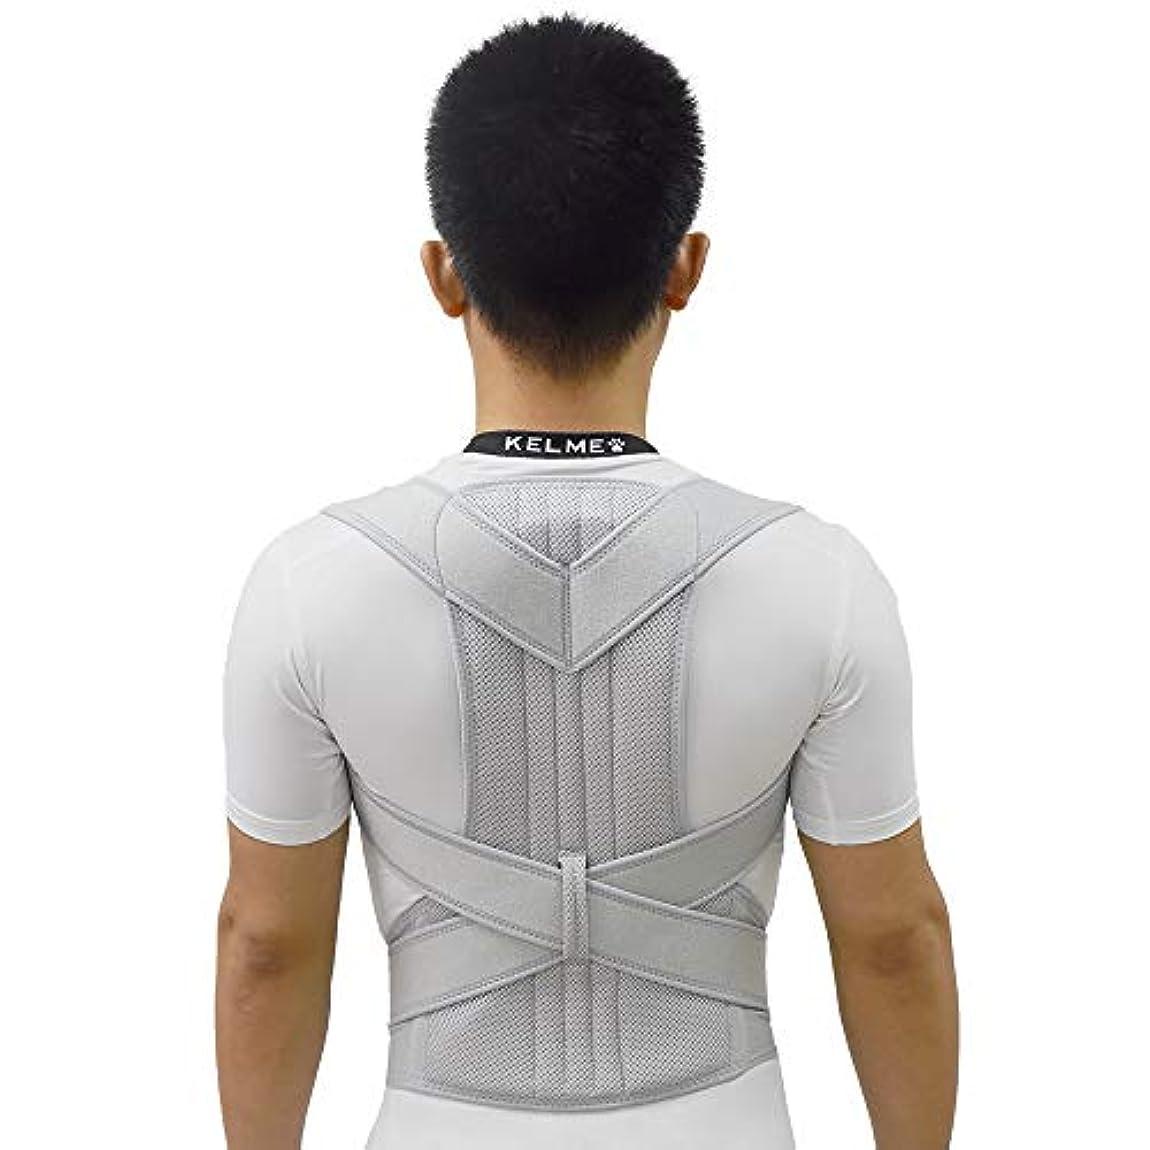 男性と女性のための姿勢矯正具、背骨と背中のサポート、痛みの軽減、調節可能で通気性のある背もたれの提供、姿勢の改善と背中のサポートの提供,M